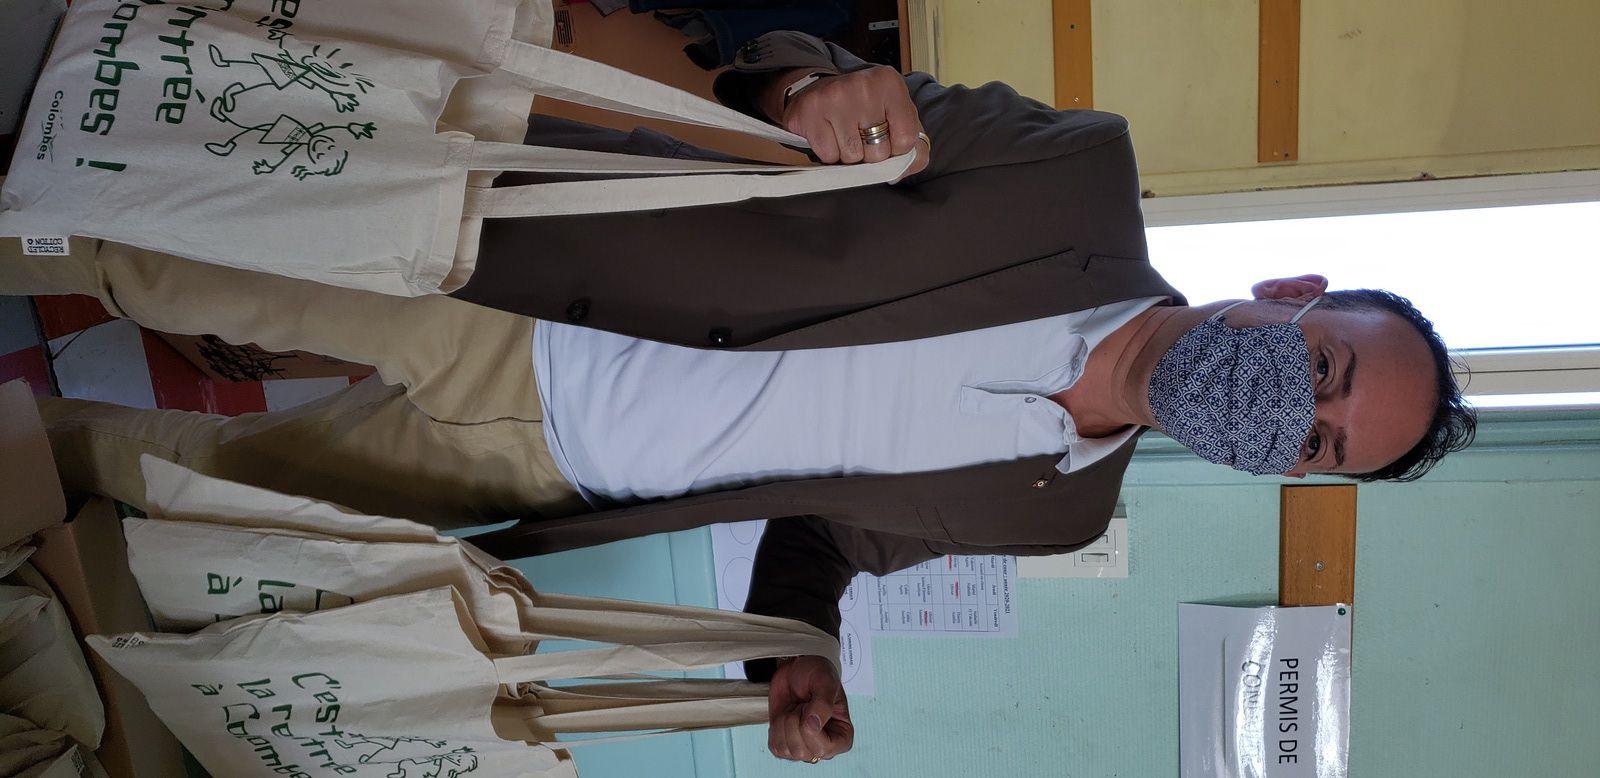 Colombes : une rentrée scolaire bien équipée pour les enfants avec un kit de fournitures